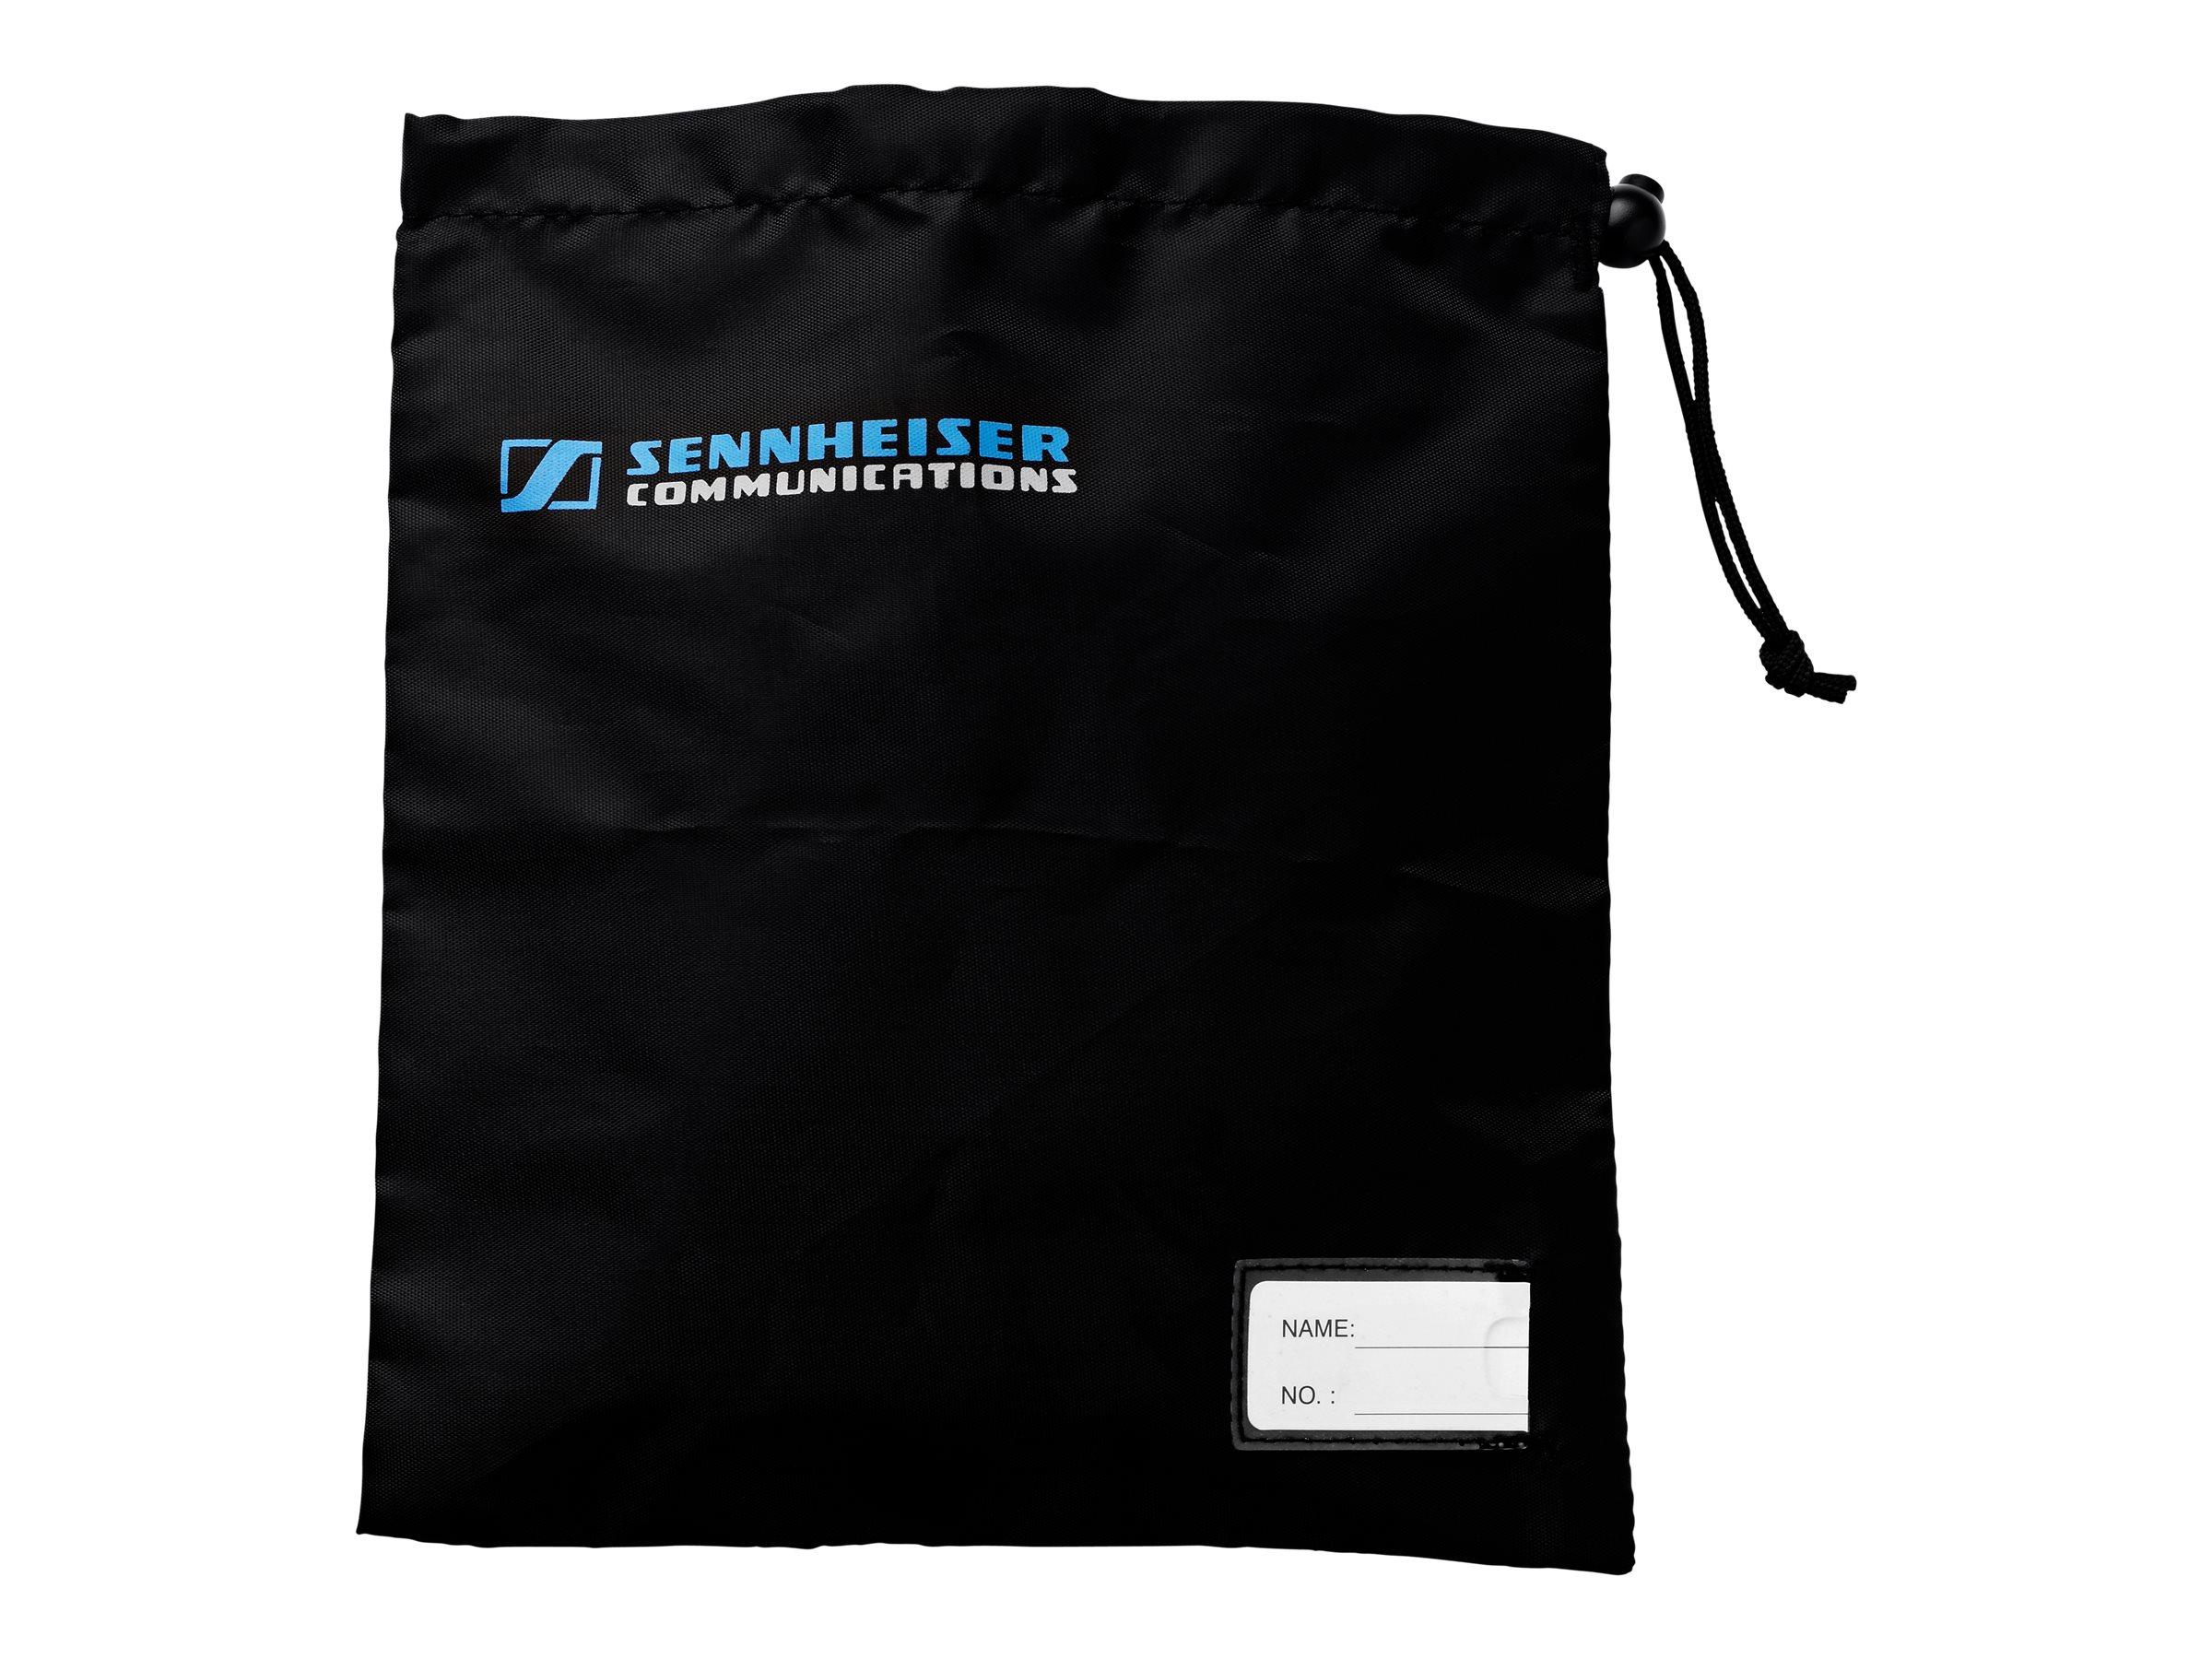 Sennheiser CB 01 - Tasche für Headset (Packung mit 10) - für EPOS | SENNHEISER CC 530; CC 530, 540; IMPACT SC 23X, 26X, 30, 60,